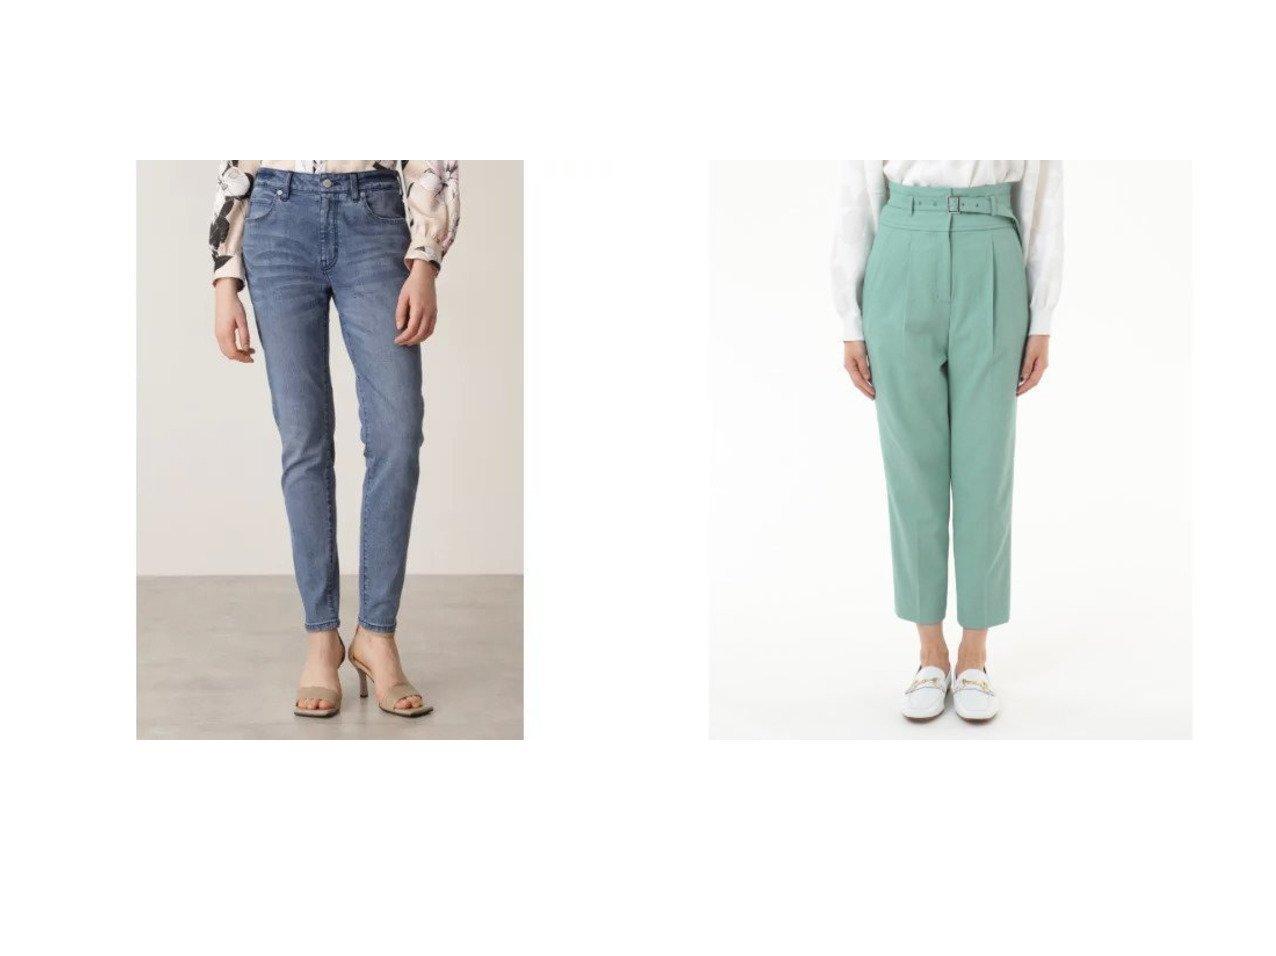 【Pinky&Dianne/ピンキーアンドダイアン】のスリムフィットジーンズ&【GRACE CONTINENTAL/グレース コンチネンタル】のワンタックスリムパンツ パンツのおすすめ!人気、トレンド・レディースファッションの通販 おすすめで人気の流行・トレンド、ファッションの通販商品 メンズファッション・キッズファッション・インテリア・家具・レディースファッション・服の通販 founy(ファニー) https://founy.com/ ファッション Fashion レディースファッション WOMEN パンツ Pants ストレッチ スマート スリム フィット |ID:crp329100000016271